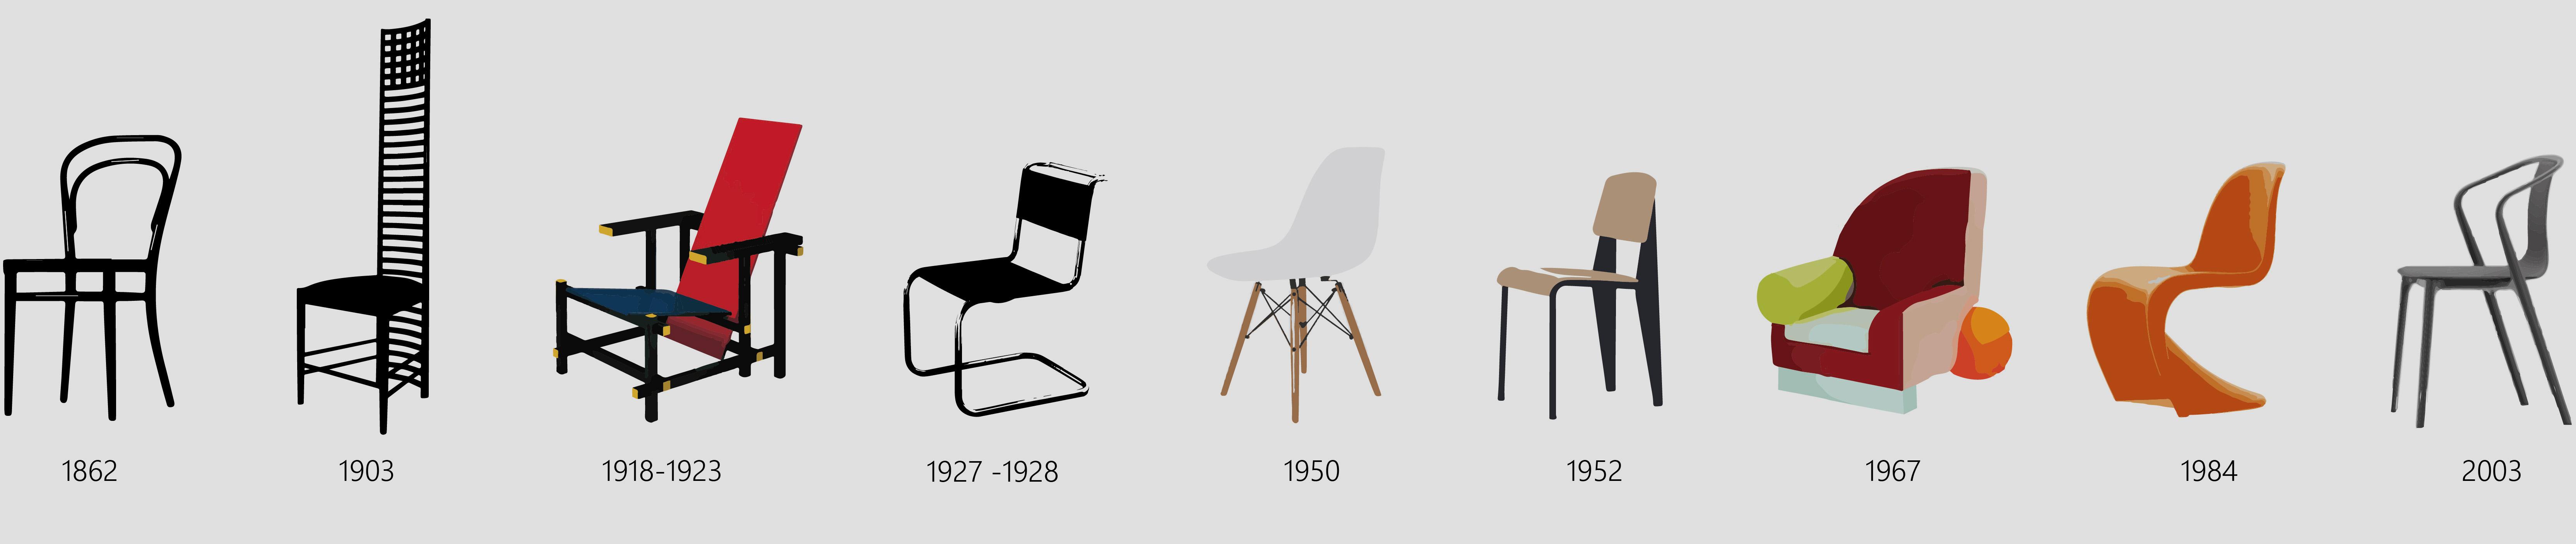 Designgeschichte, integriertes Produktdesign, Hochschule Coburg